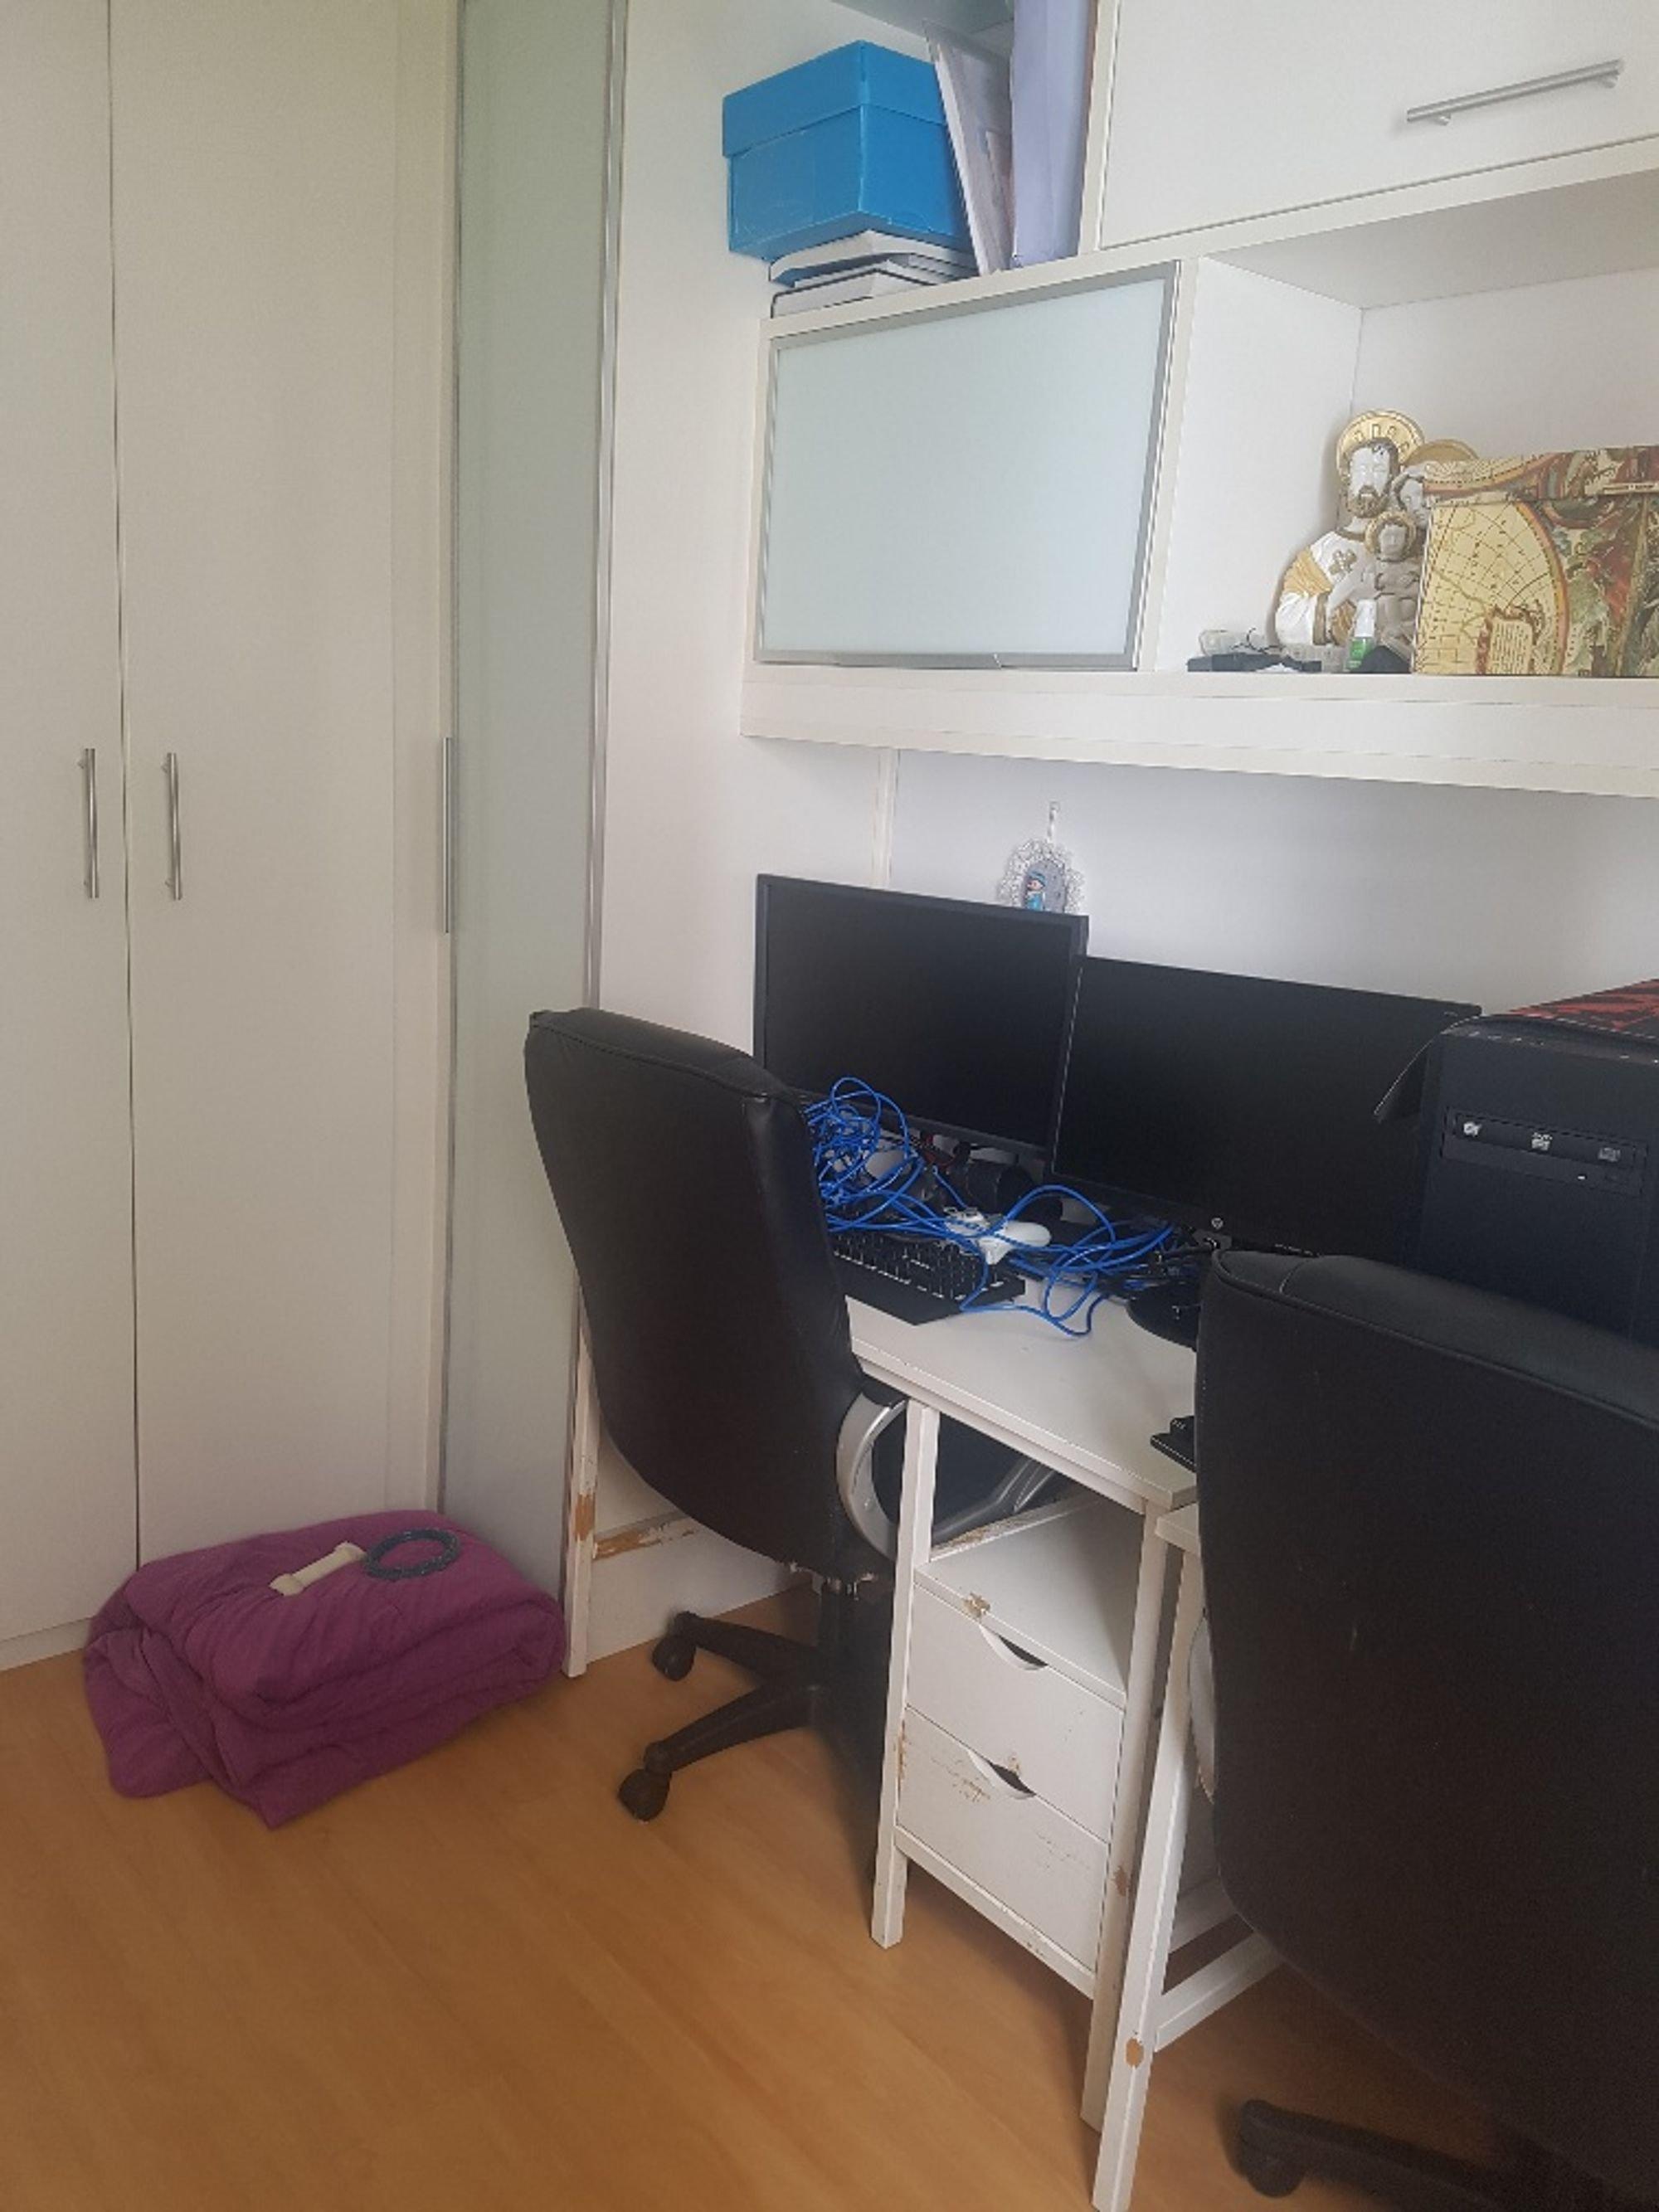 Foto de Quarto com computador portátil, televisão, cadeira